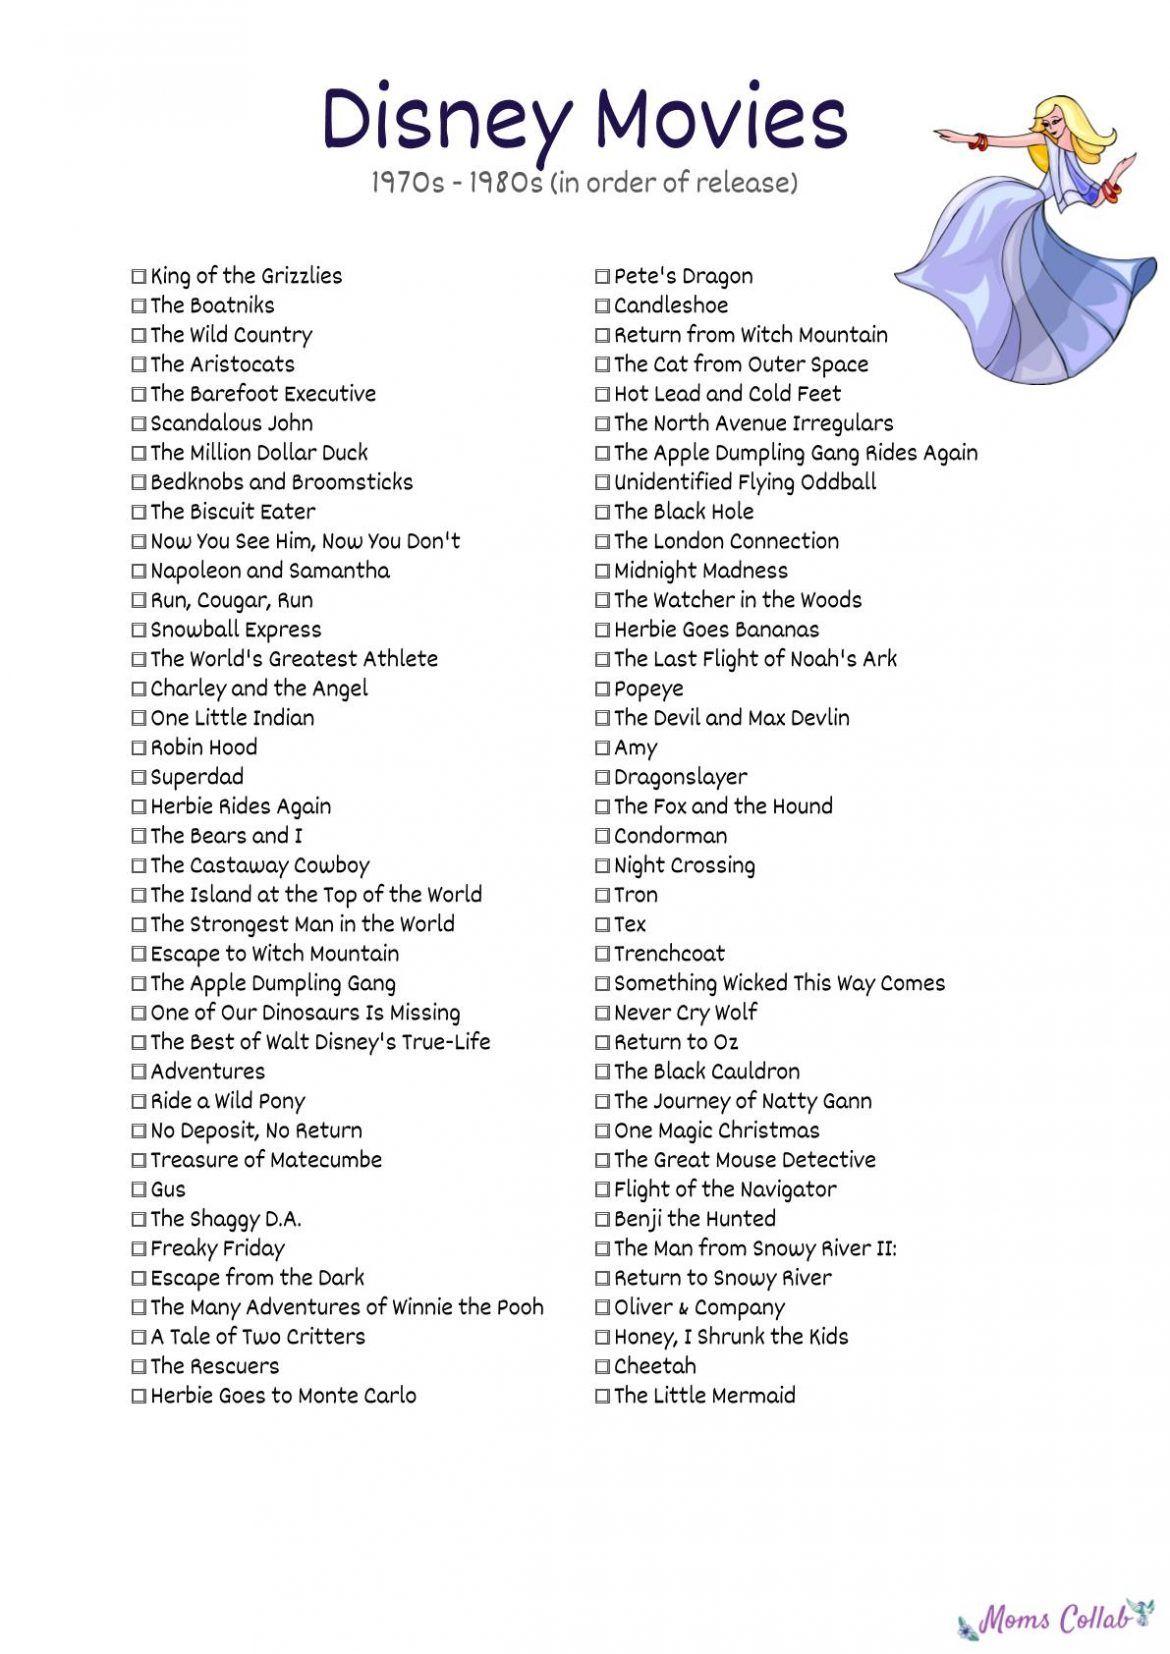 Free Disney Movies List Of 400 Films On Printable Checklists Disney Movies List Disney Movies Movie List